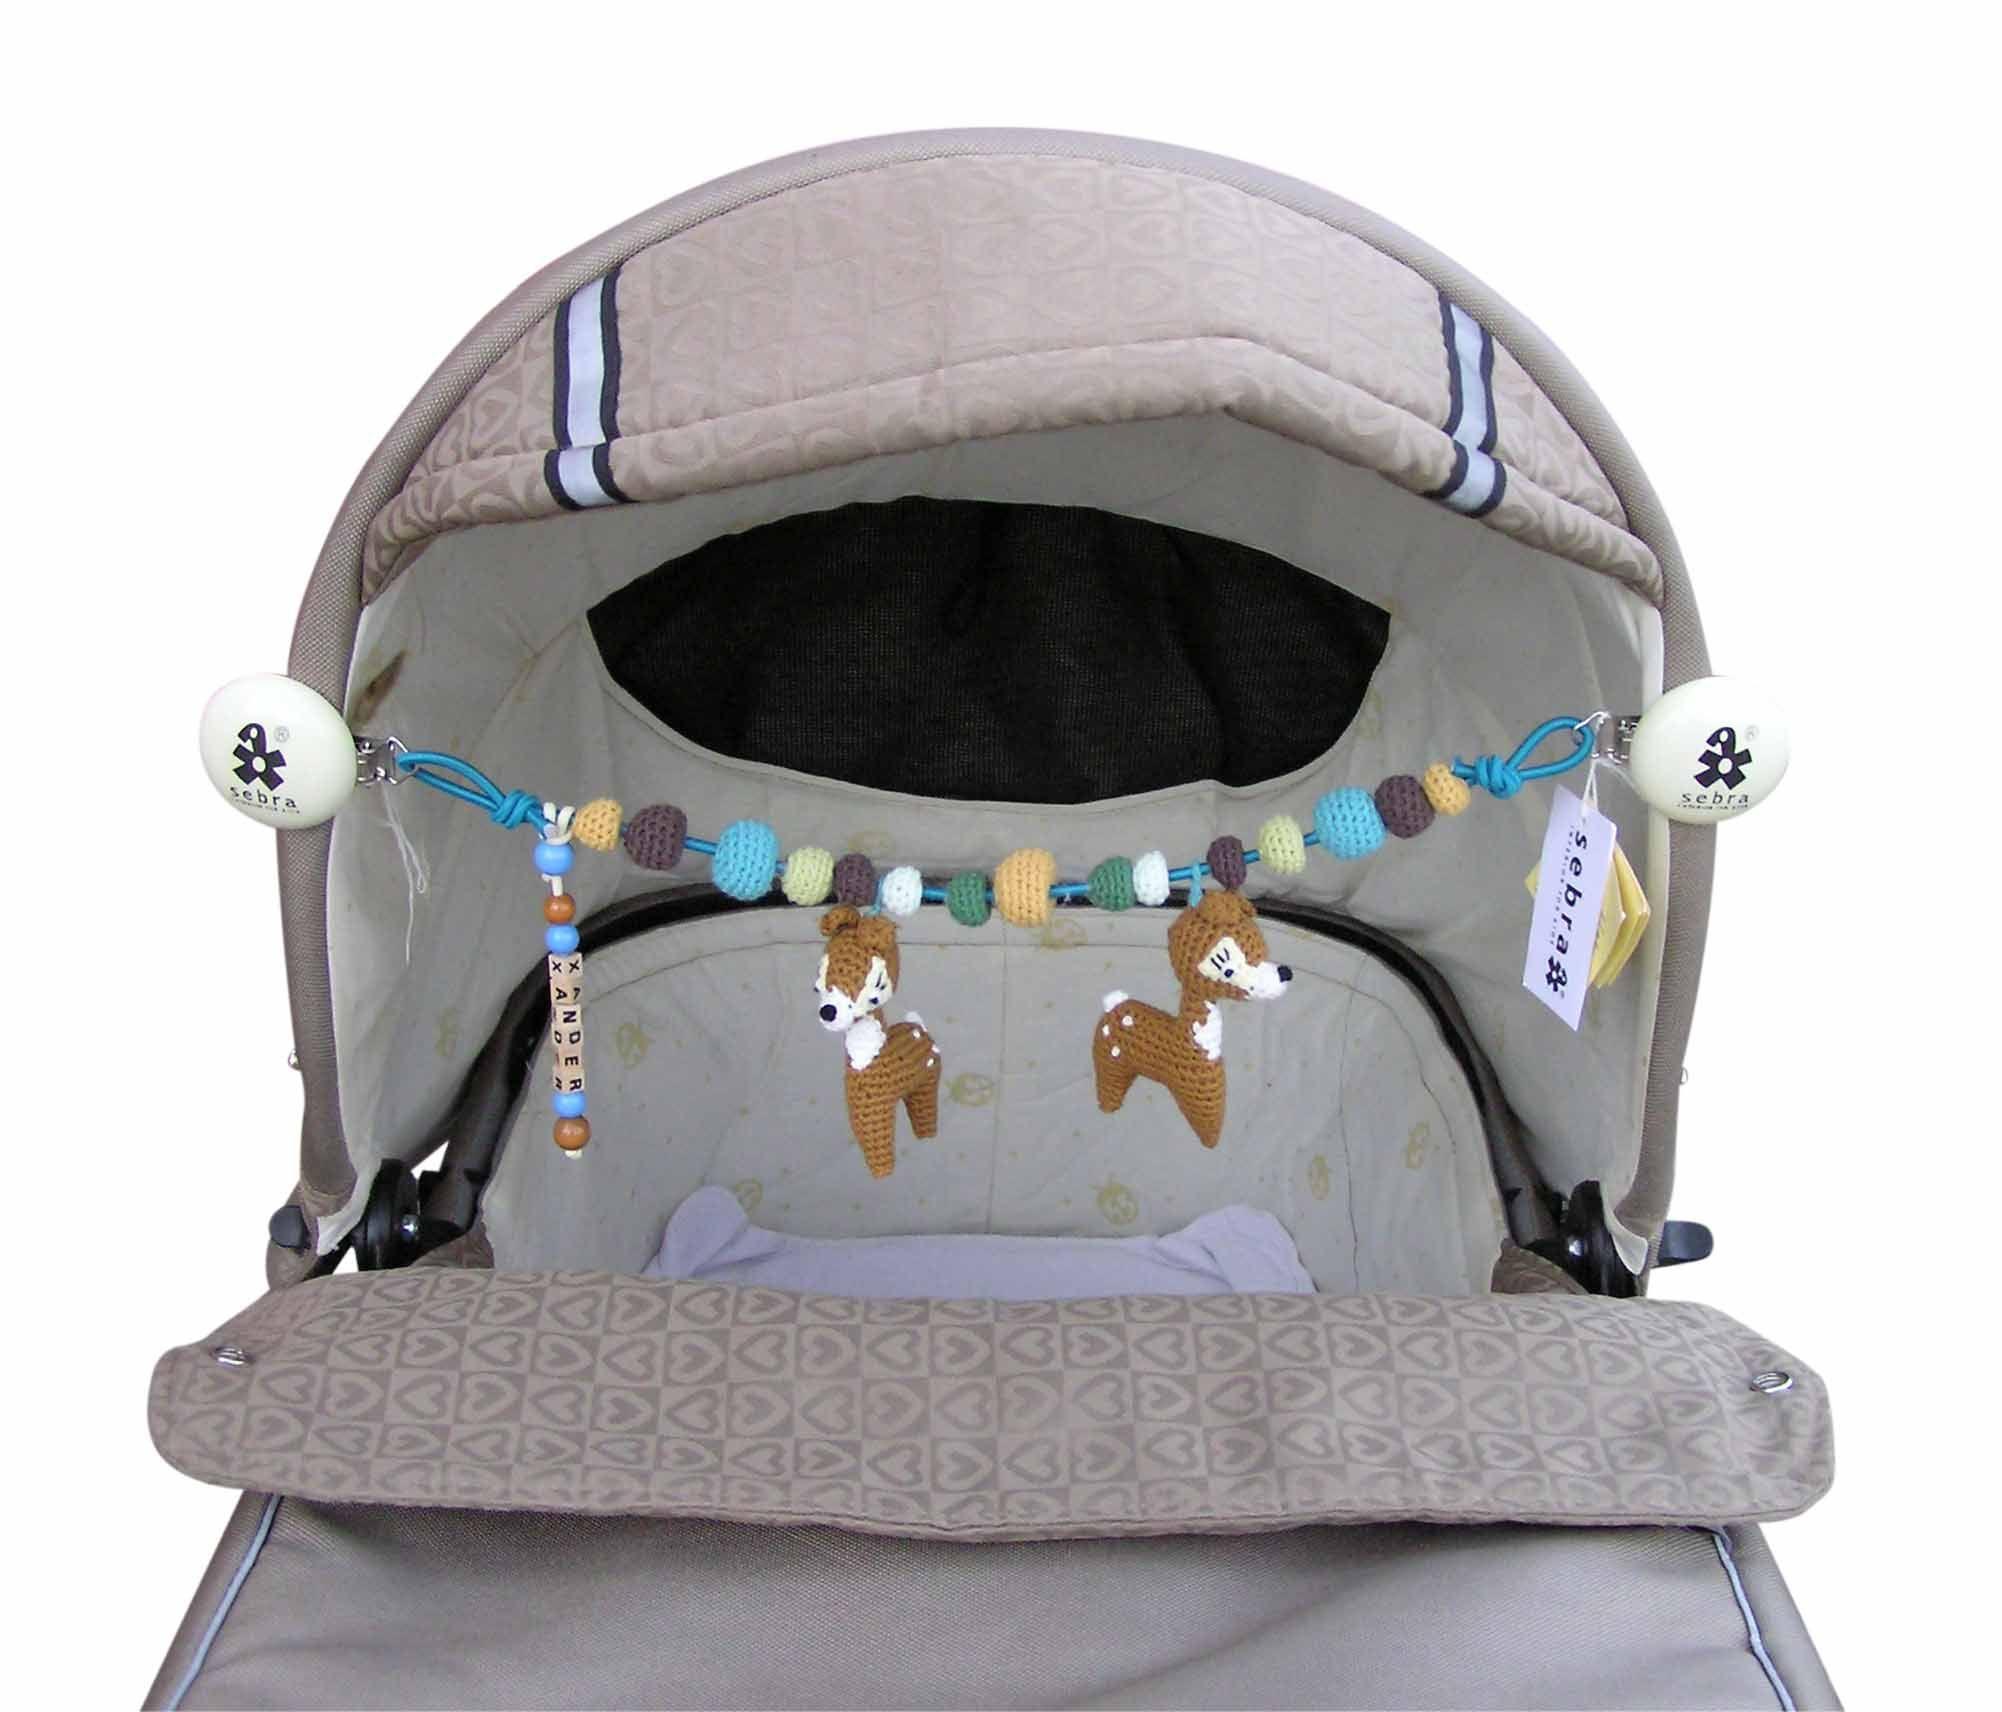 sebra barnevognskæde - Google-søgning